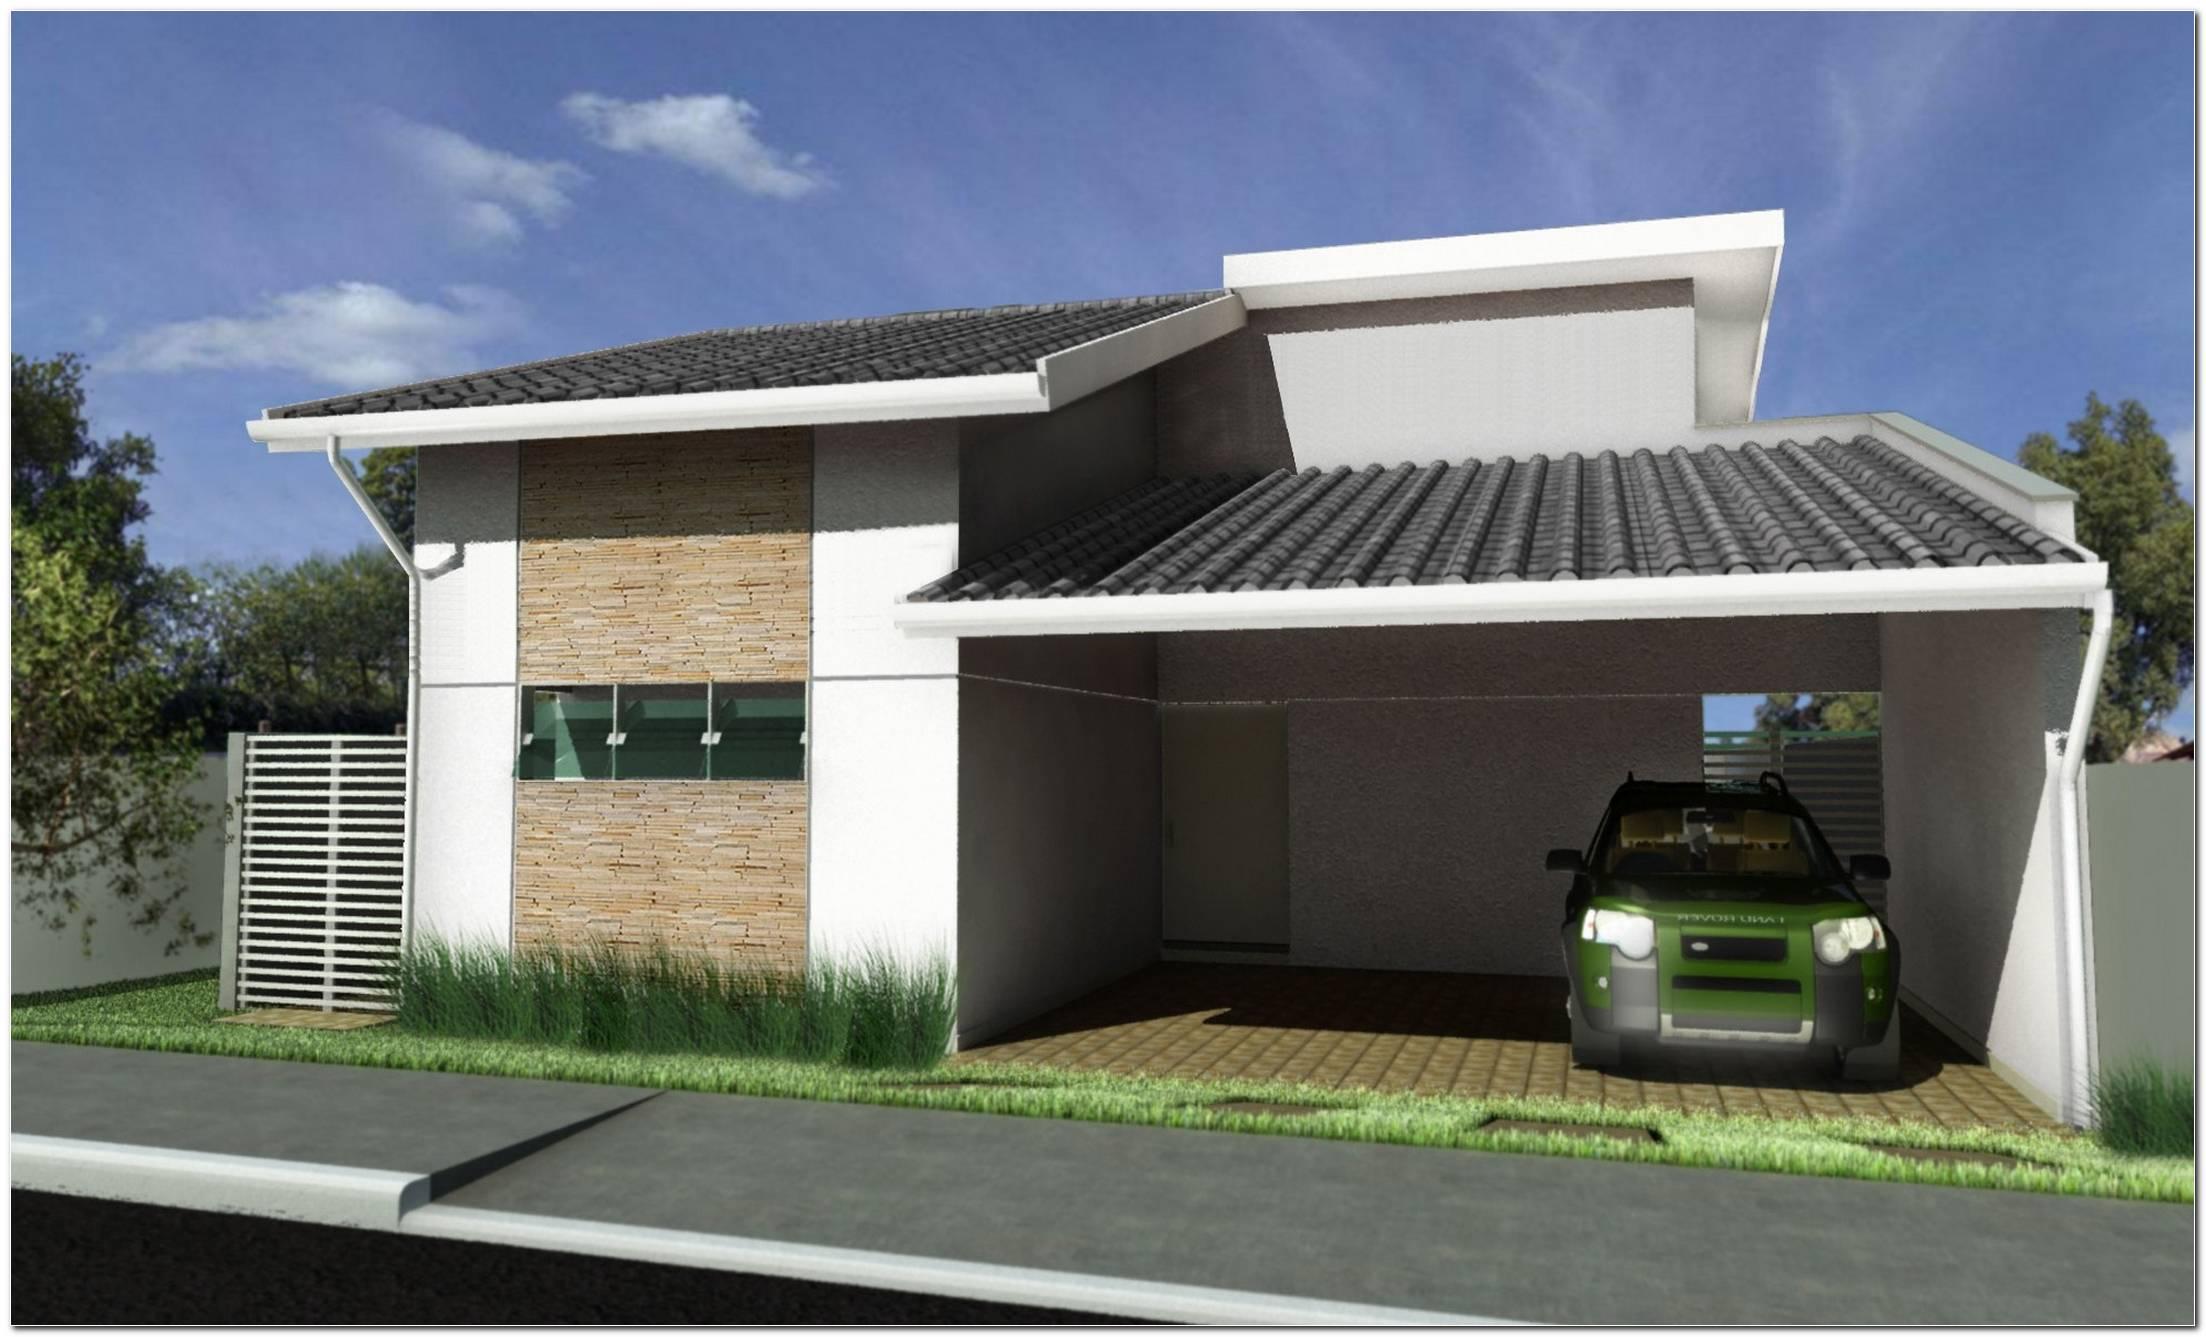 Fachadas De Casas Simples 50 Ideias Dicas E Projetos Incríveis